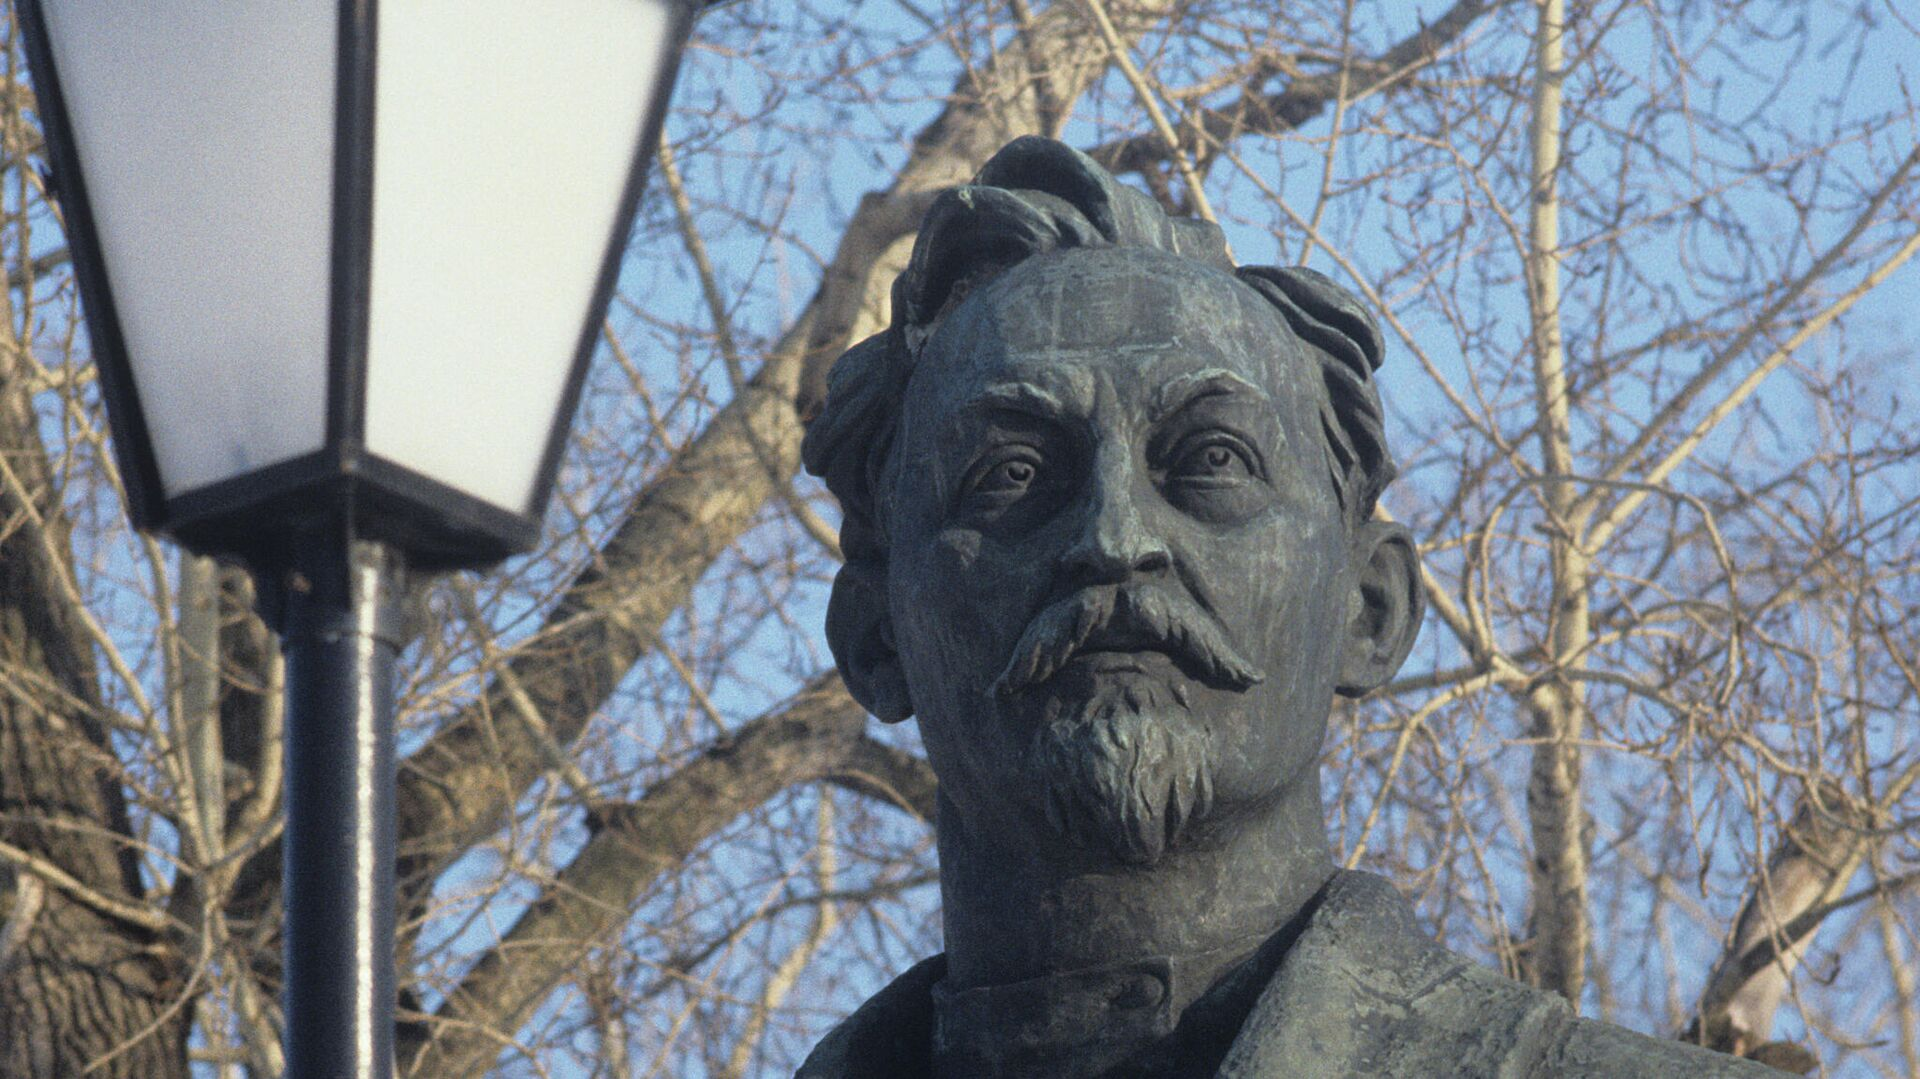 Памятник Феликсу Дзержинскому - РИА Новости, 1920, 09.02.2021